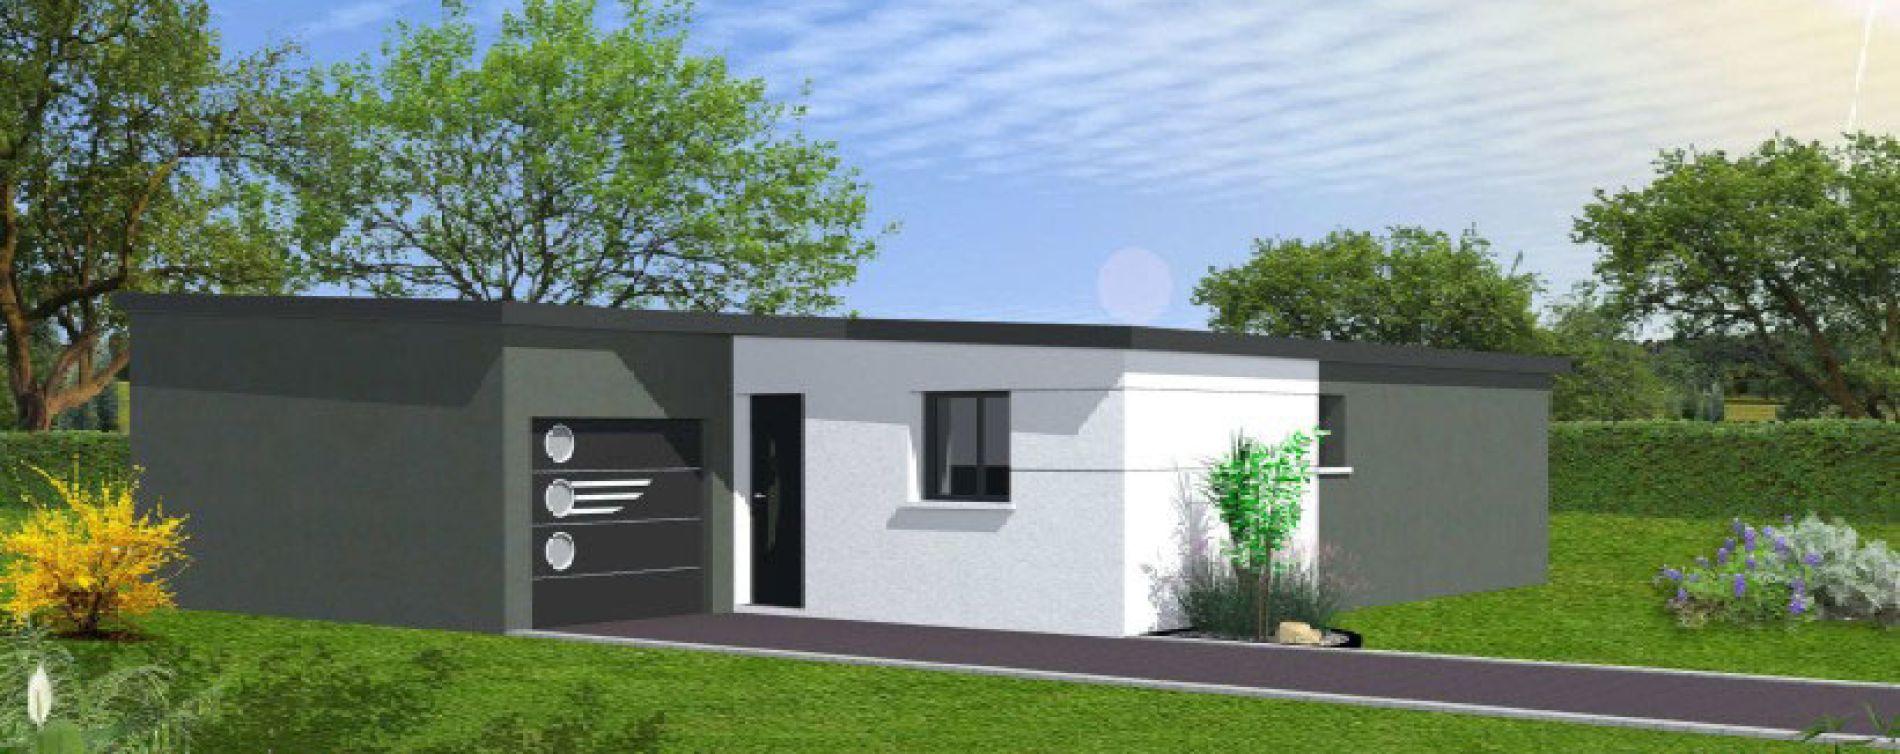 Ploudalmézeau : programme immobilier neuve « Tréompan » (4)